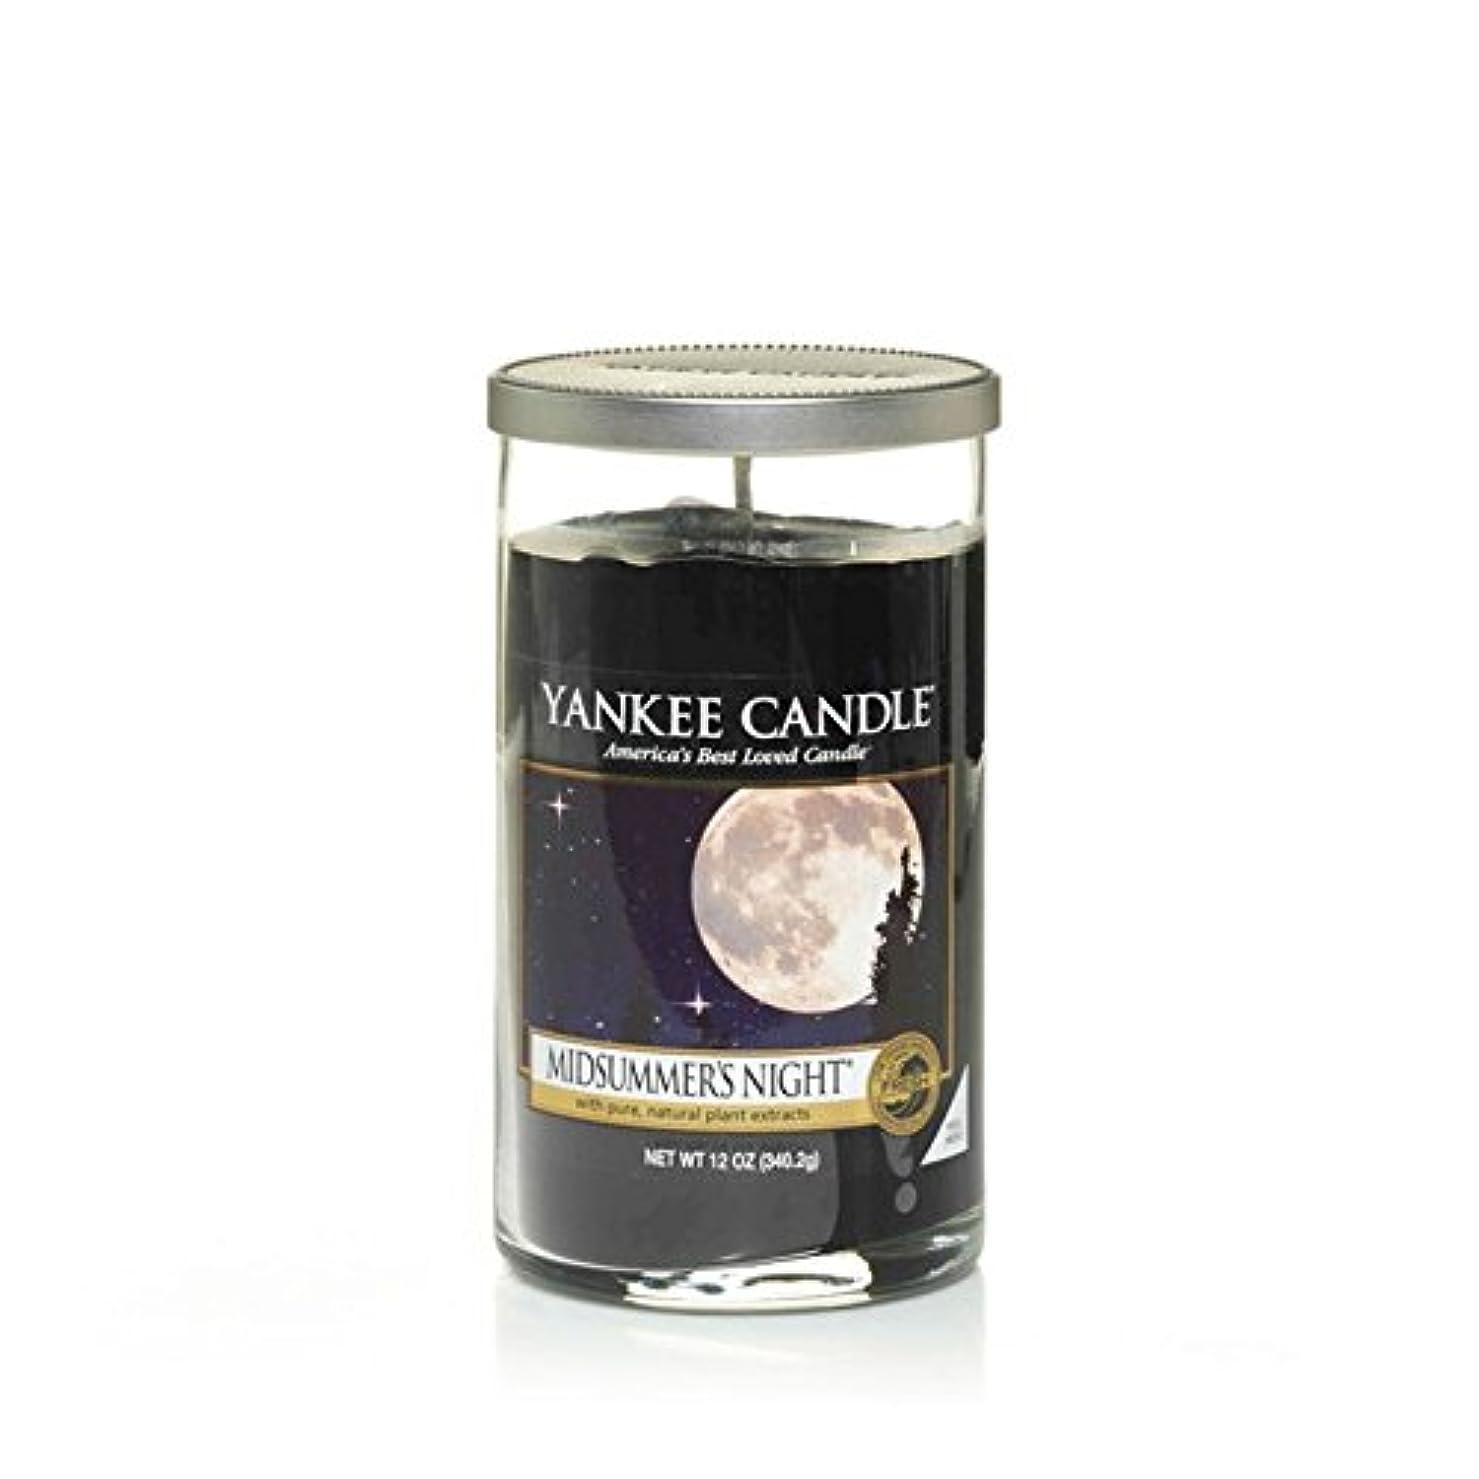 二次芸術持参ヤンキーキャンドルメディアピラーキャンドル - Midsummersの夜 - Yankee Candles Medium Pillar Candle - Midsummers Night (Yankee Candles)...